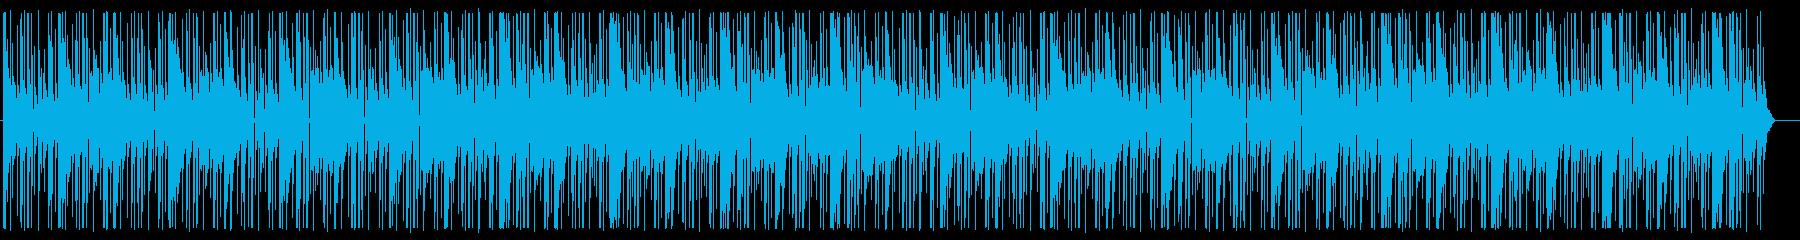 緊張感のあるヒップホップトラックの再生済みの波形